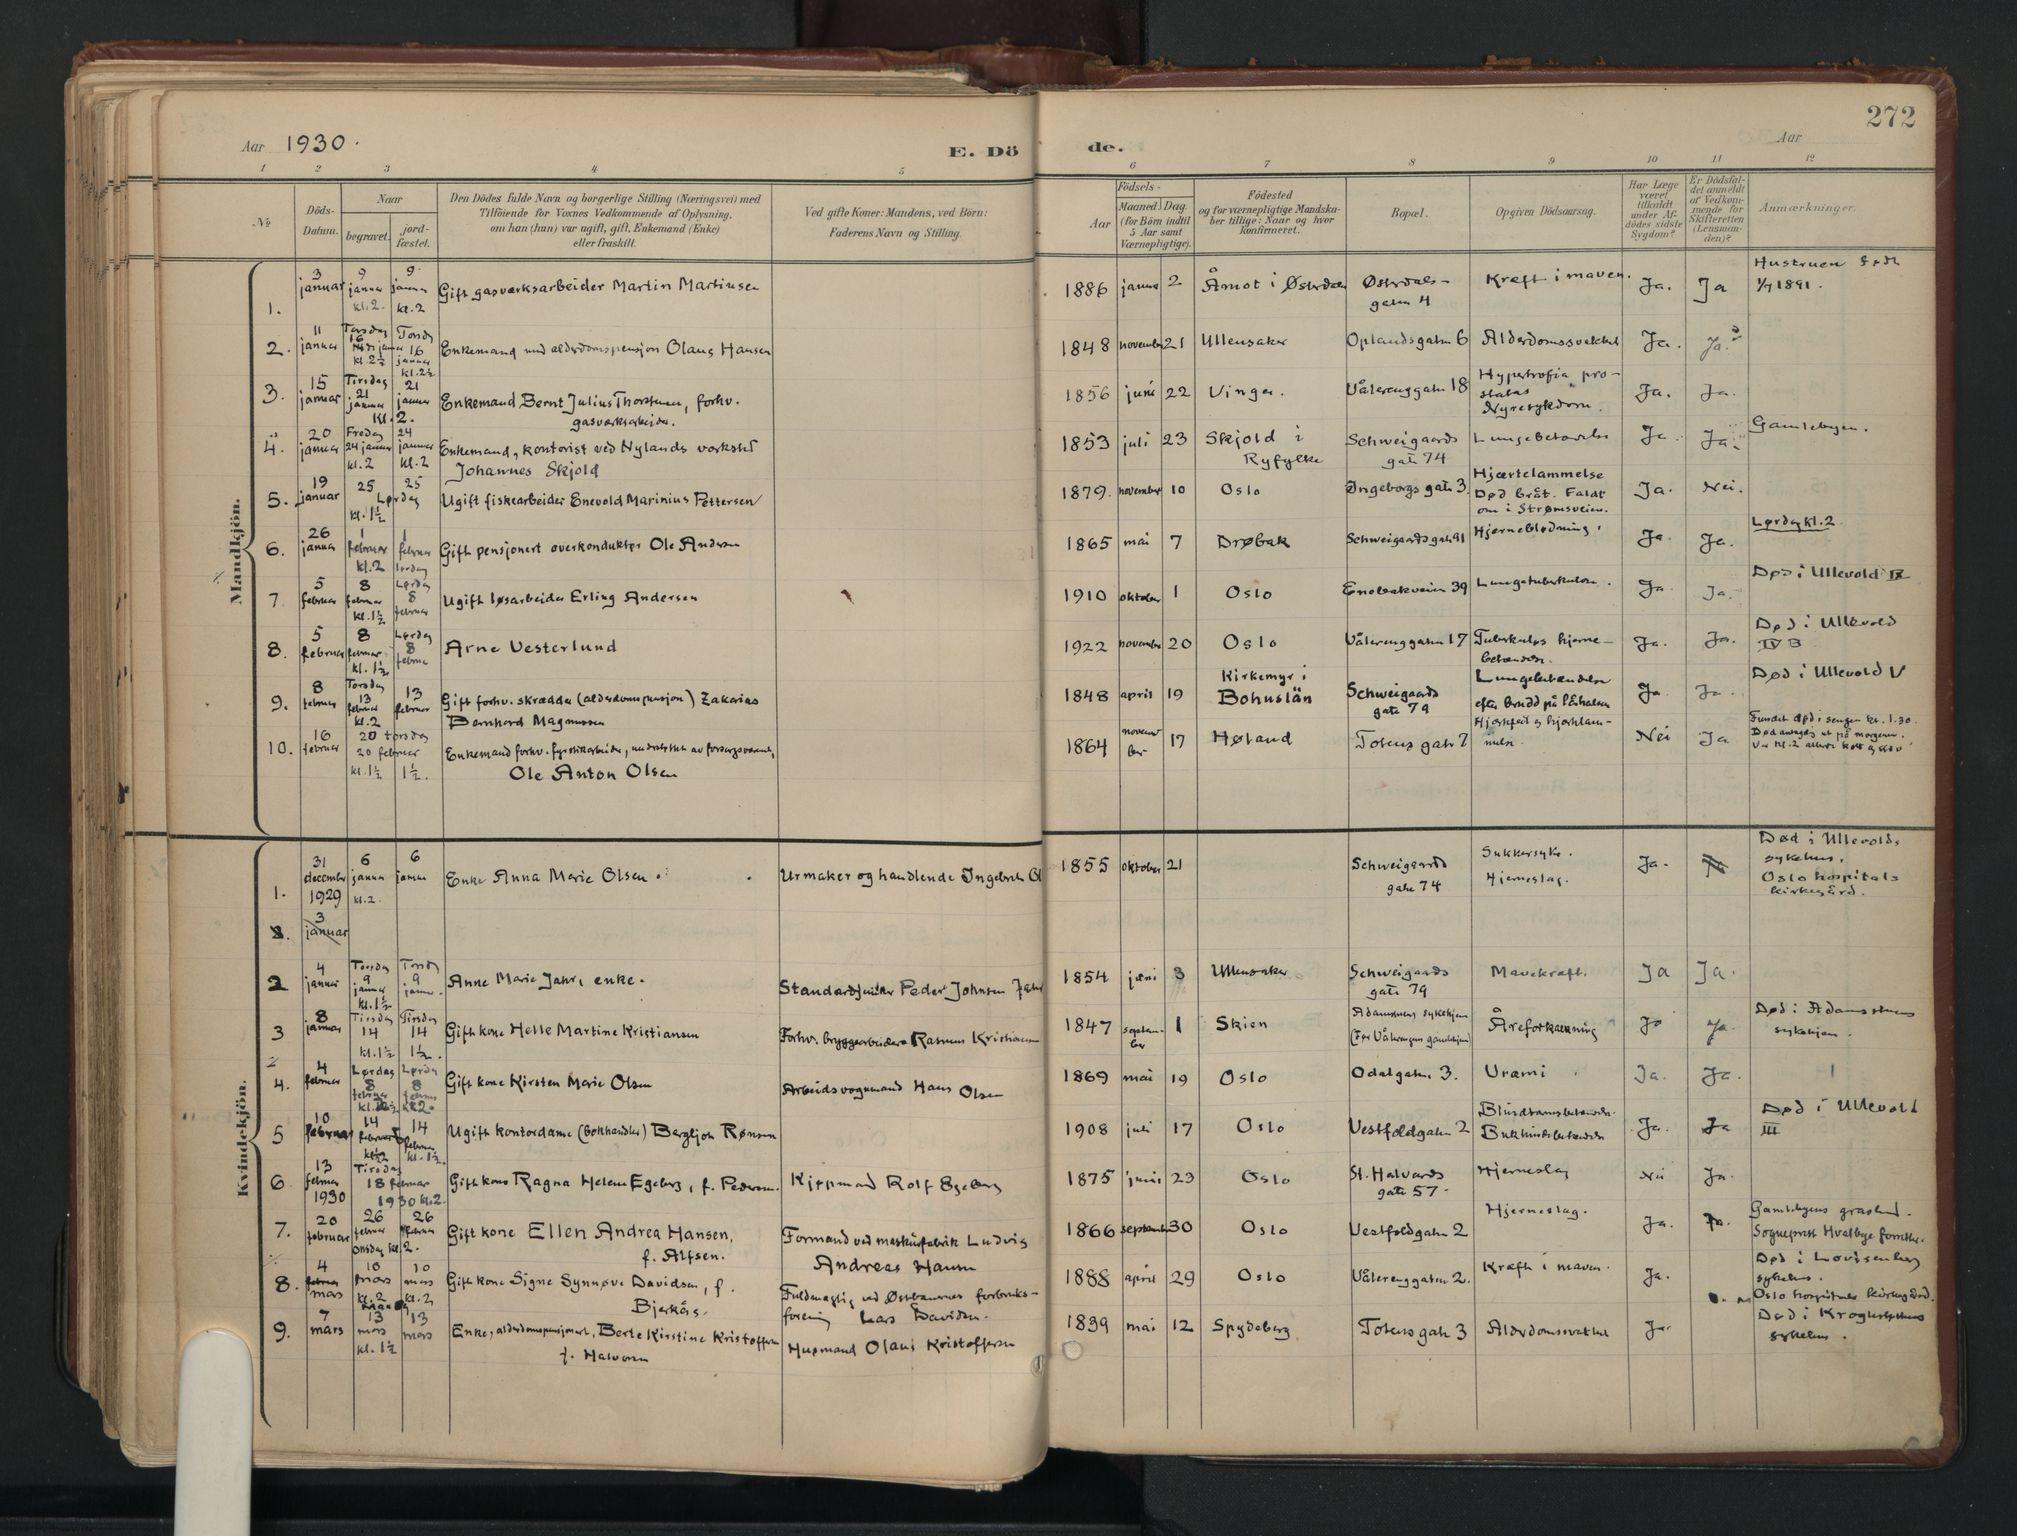 SAO, Vålerengen prestekontor Kirkebøker, F/Fa/L0003: Ministerialbok nr. 3, 1899-1930, s. 272